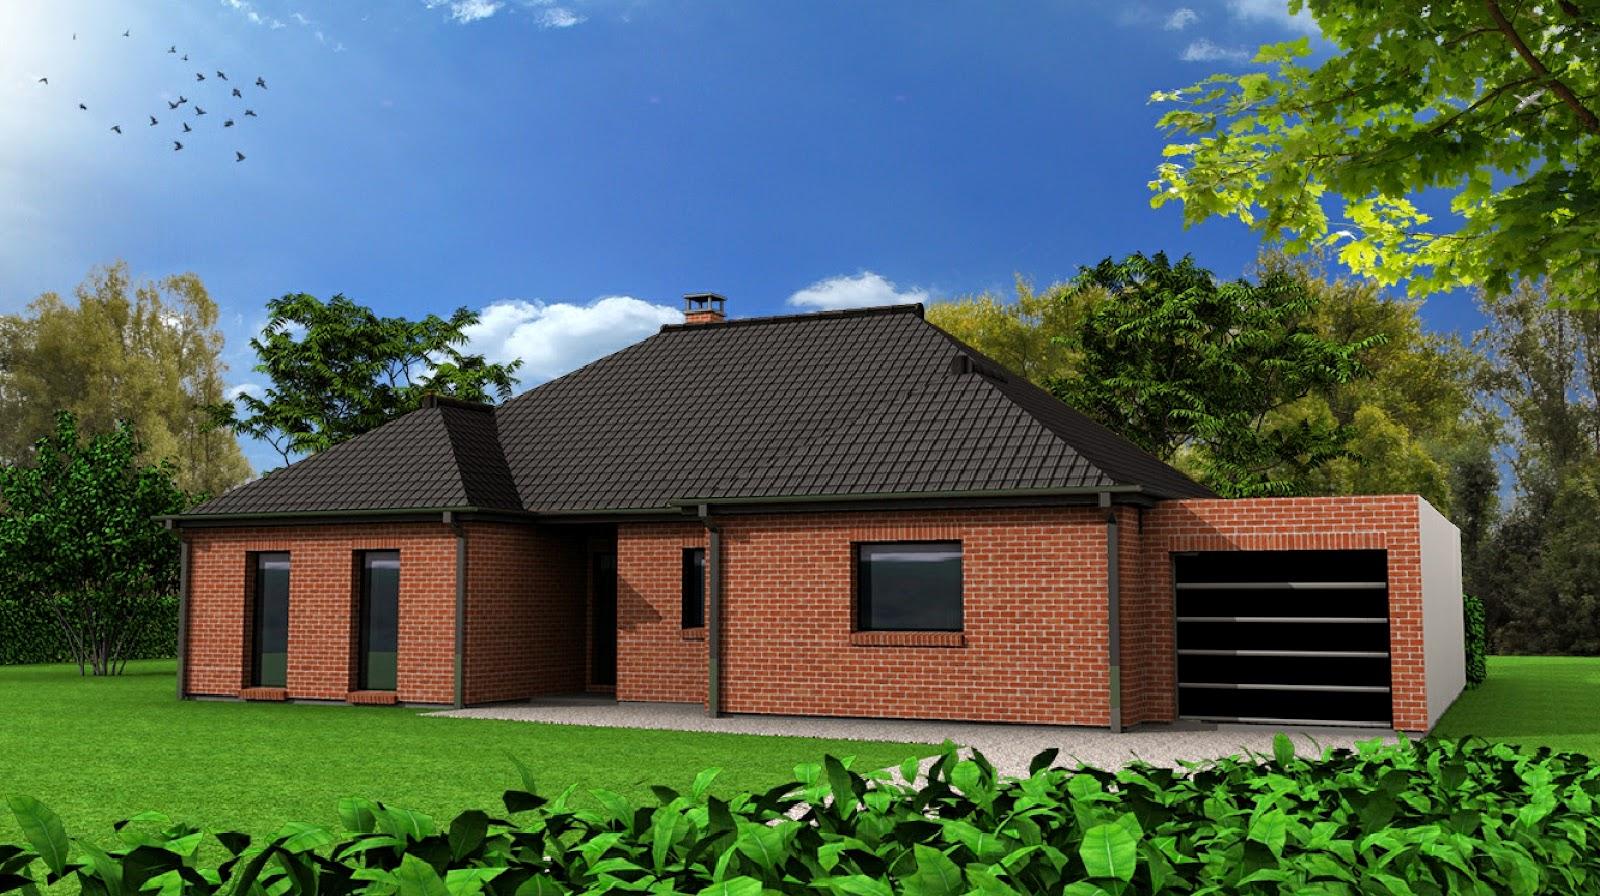 Maison-Familiale LILLE: ALLENNES LES MARAIS - Plain Pied - 132 m²